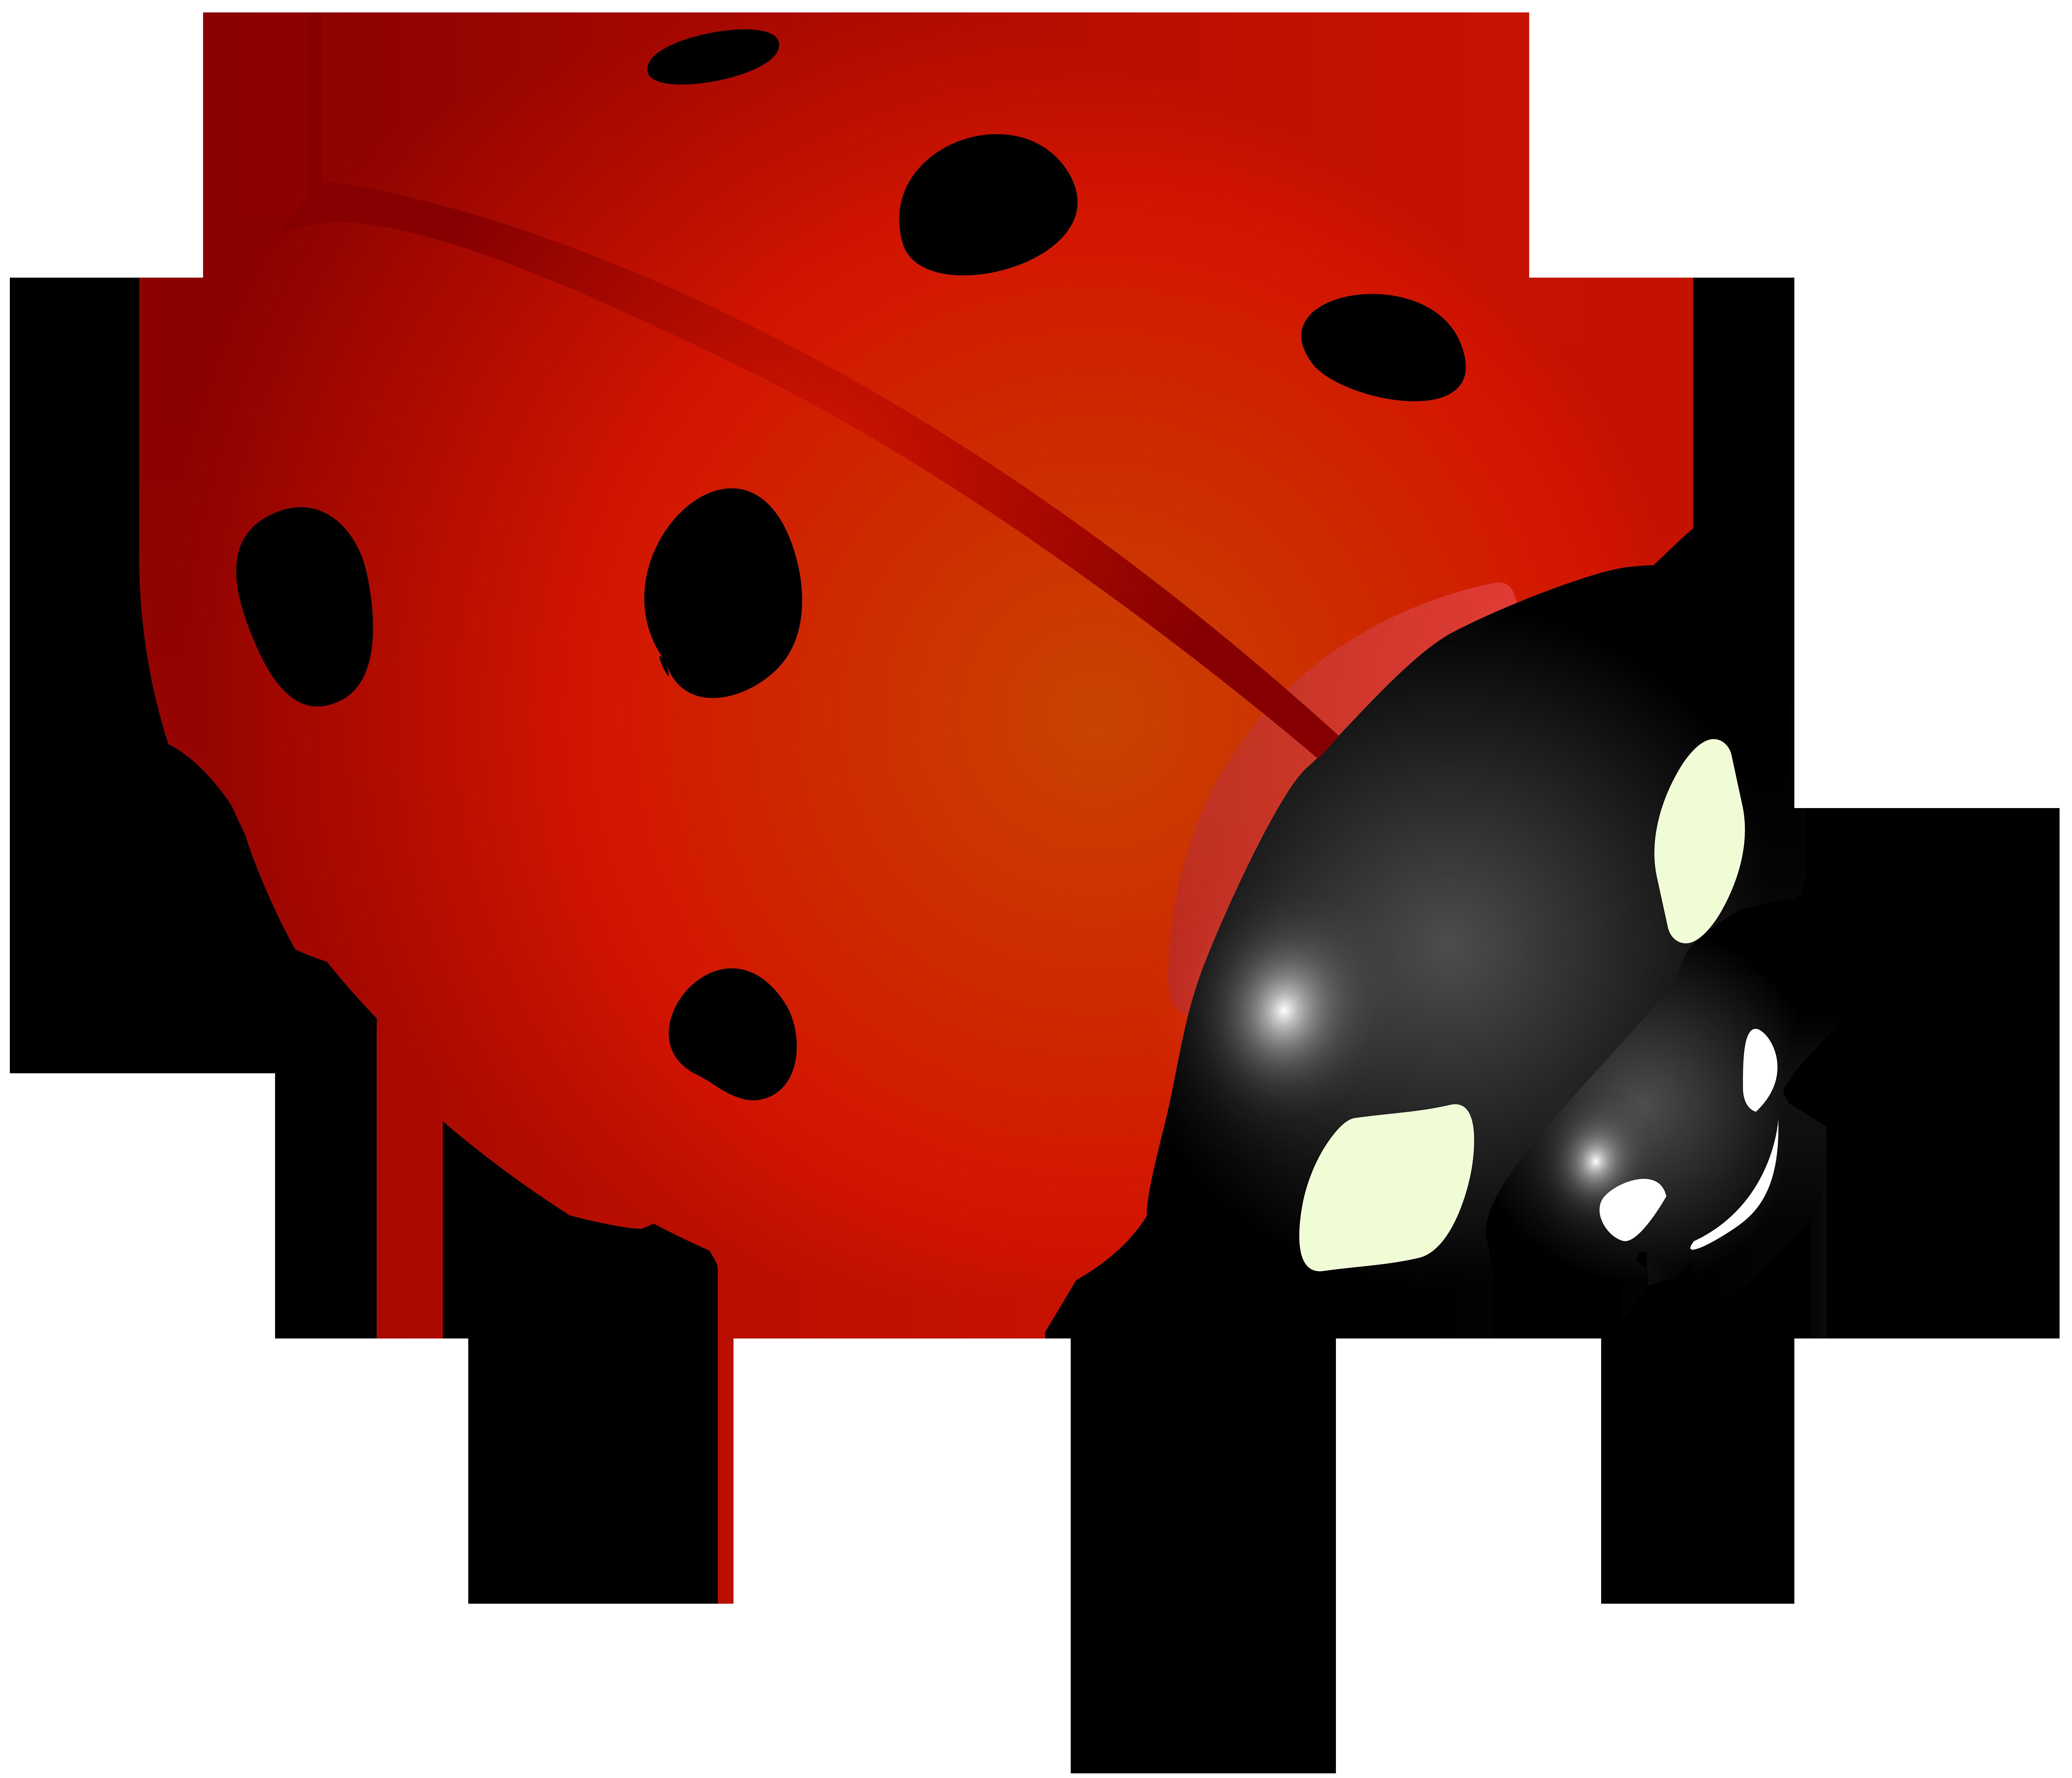 Ladybug Clip Art Image.